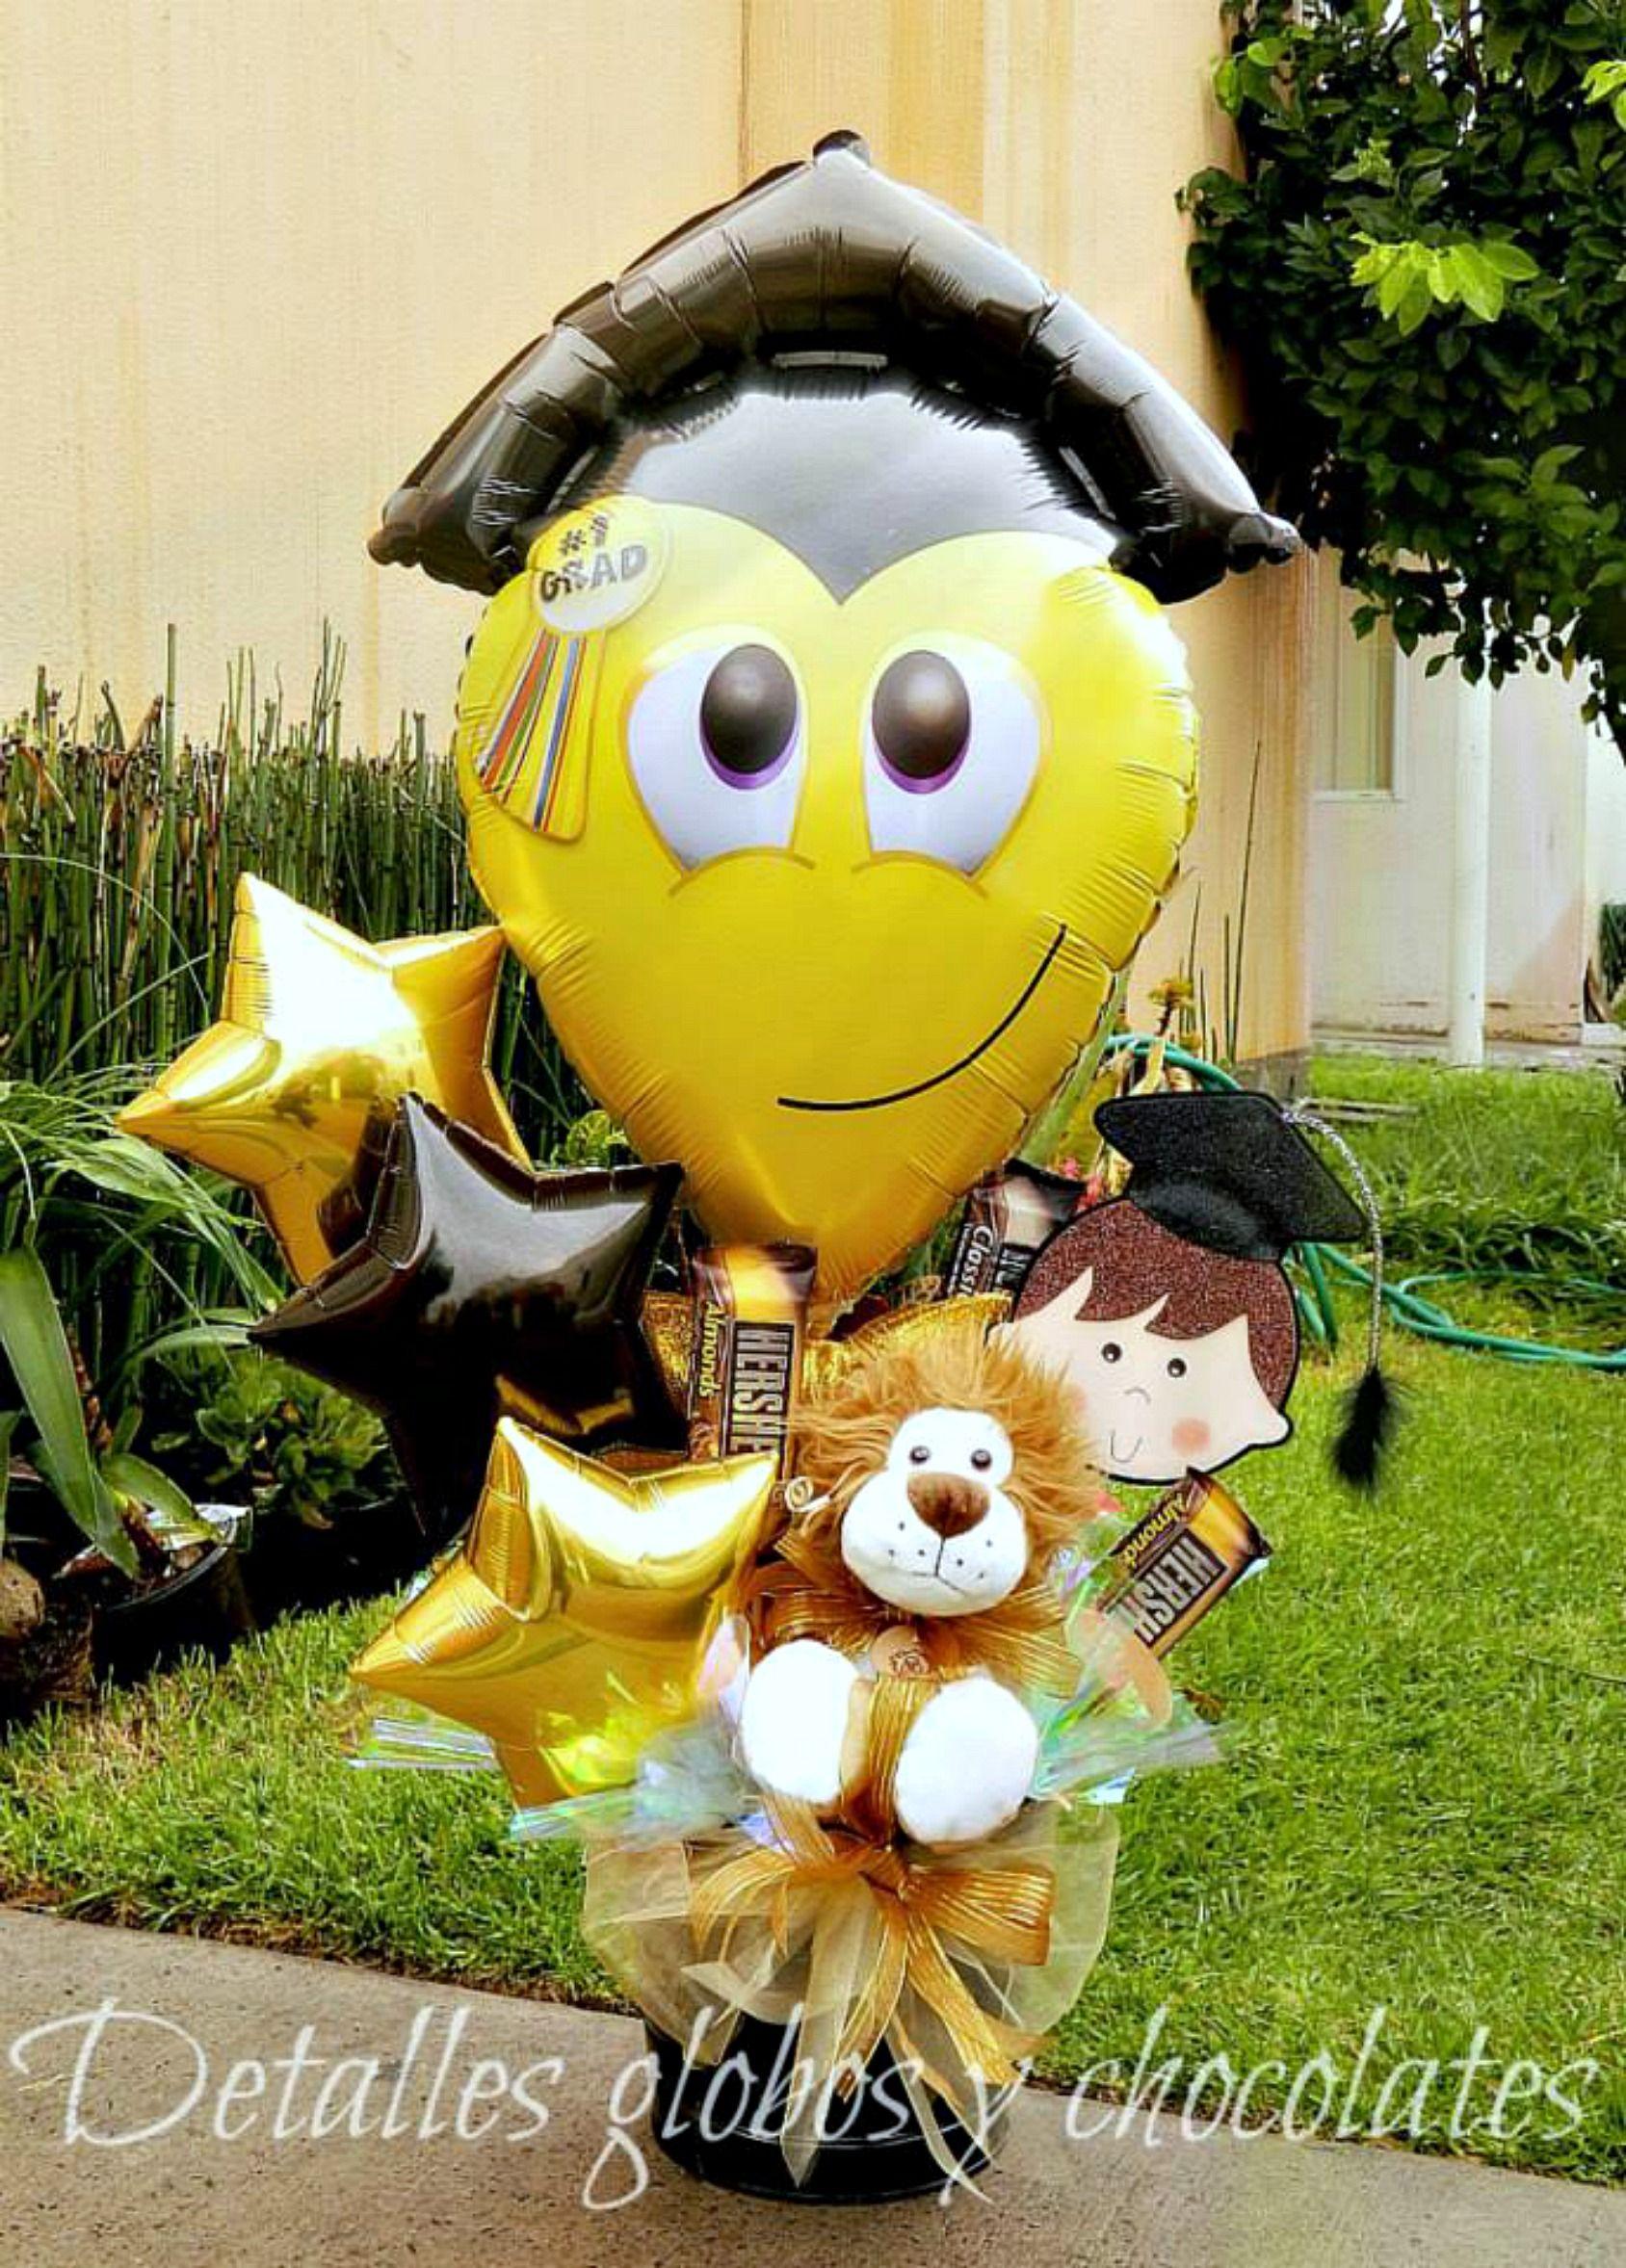 Detalles globos y chocolates decomaris centros de - Detalles para decorar ...